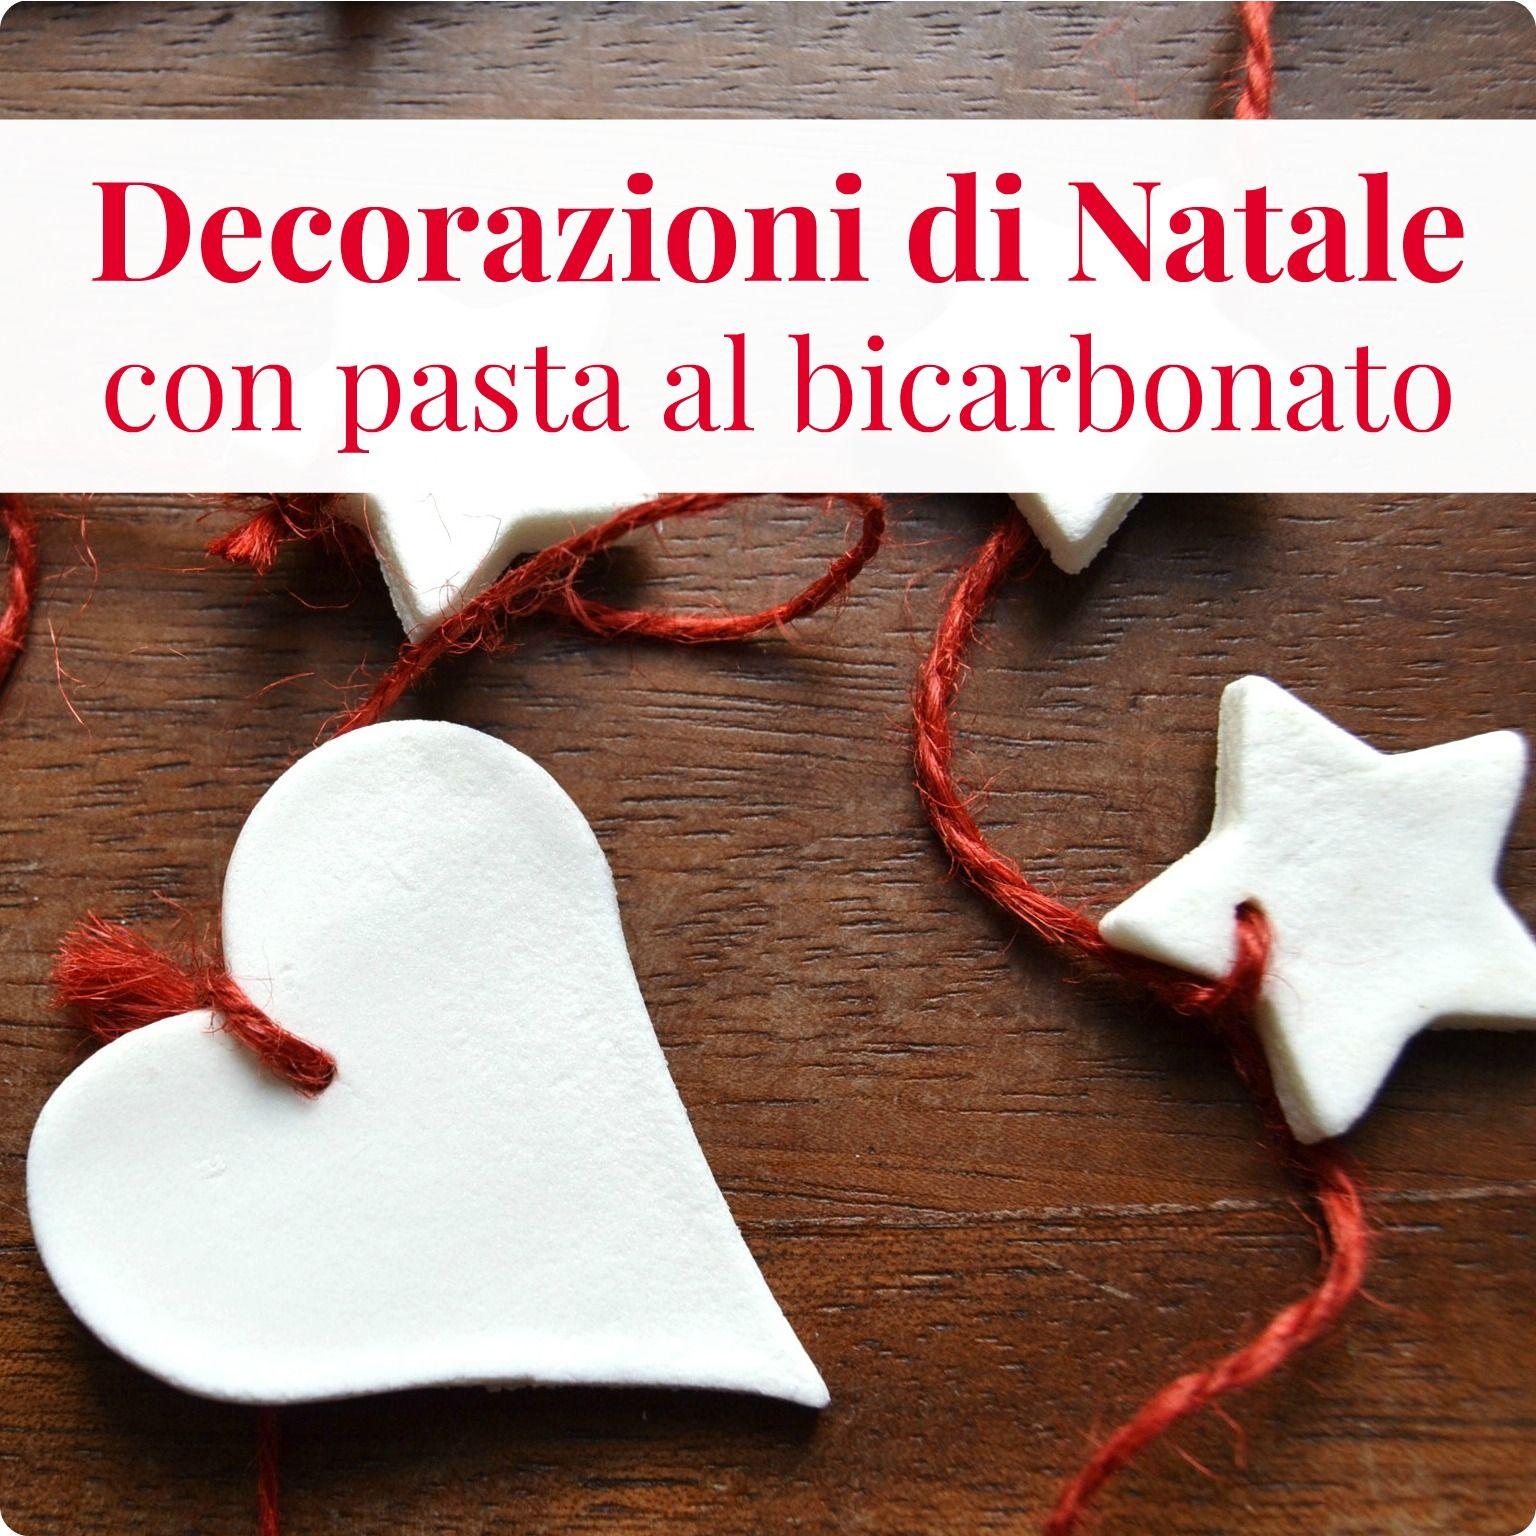 Decorazioni natalizie con pasta al bicarbonato babygreen creativit christmas time - Decorazioni natalizie fatte a mano per bambini ...